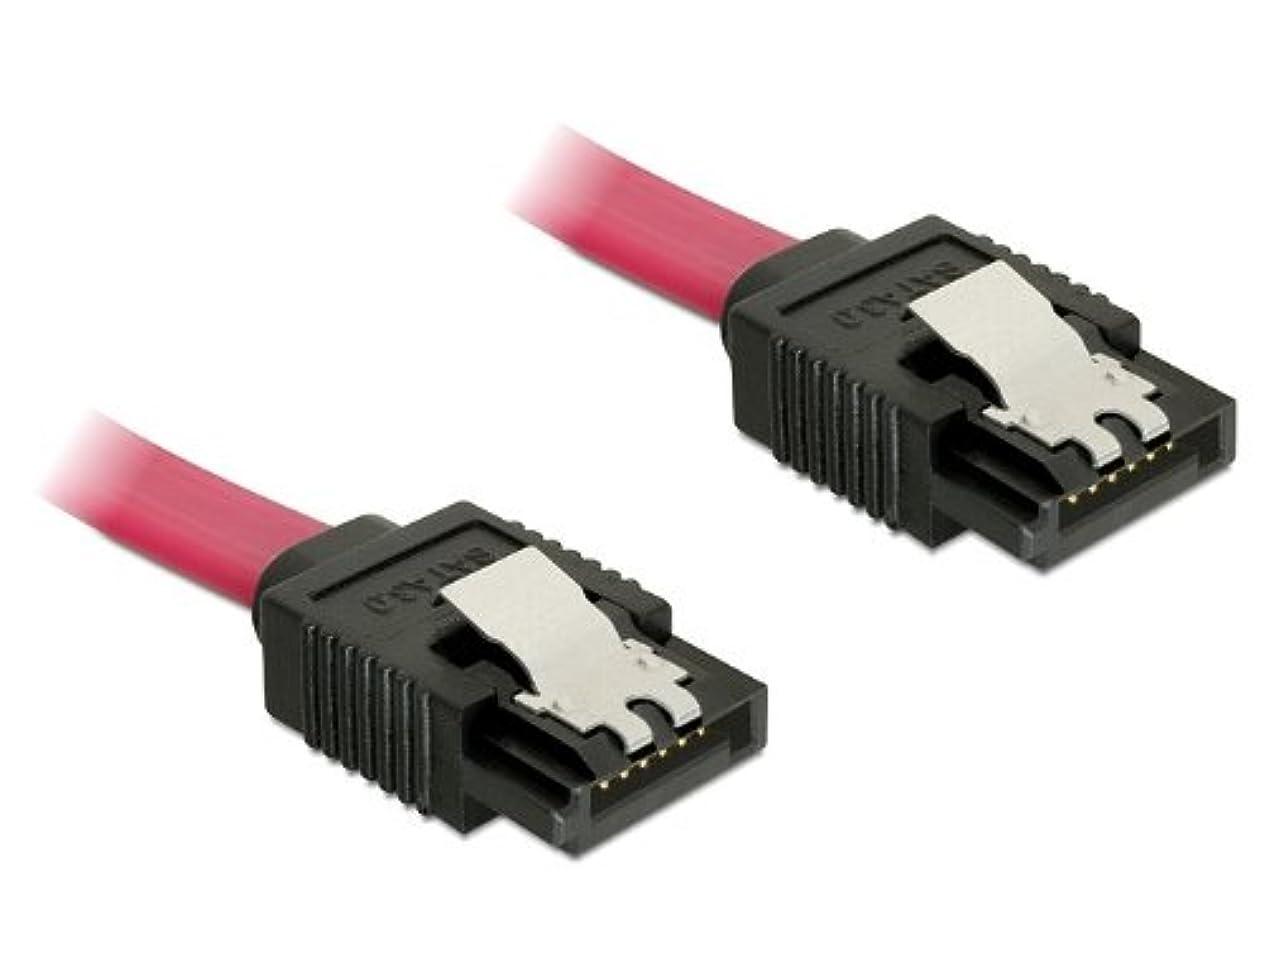 レンズペンフレンドアストロラーベDelock SATA 6 Gb/s 20cm red